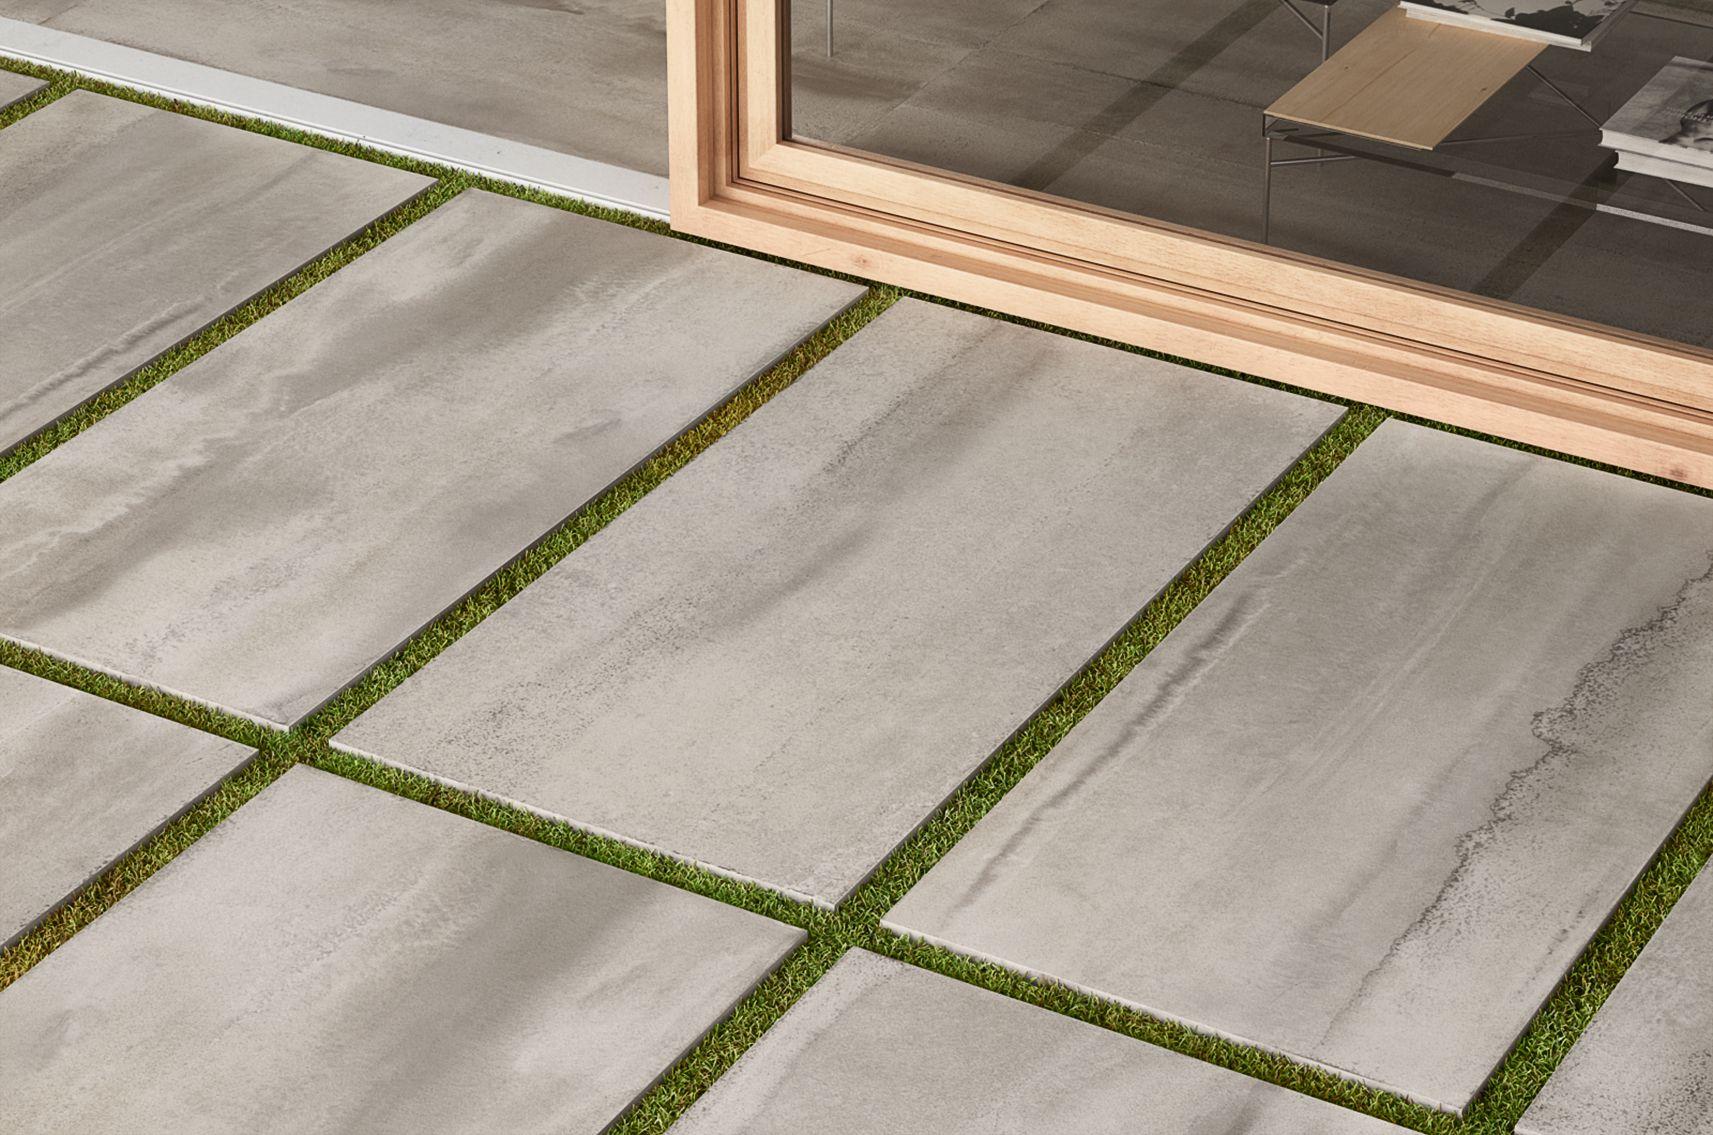 Fußboden Fliesen Stärke ~ Fliesen verlegen das kostet die renovierung ihrer fußböden